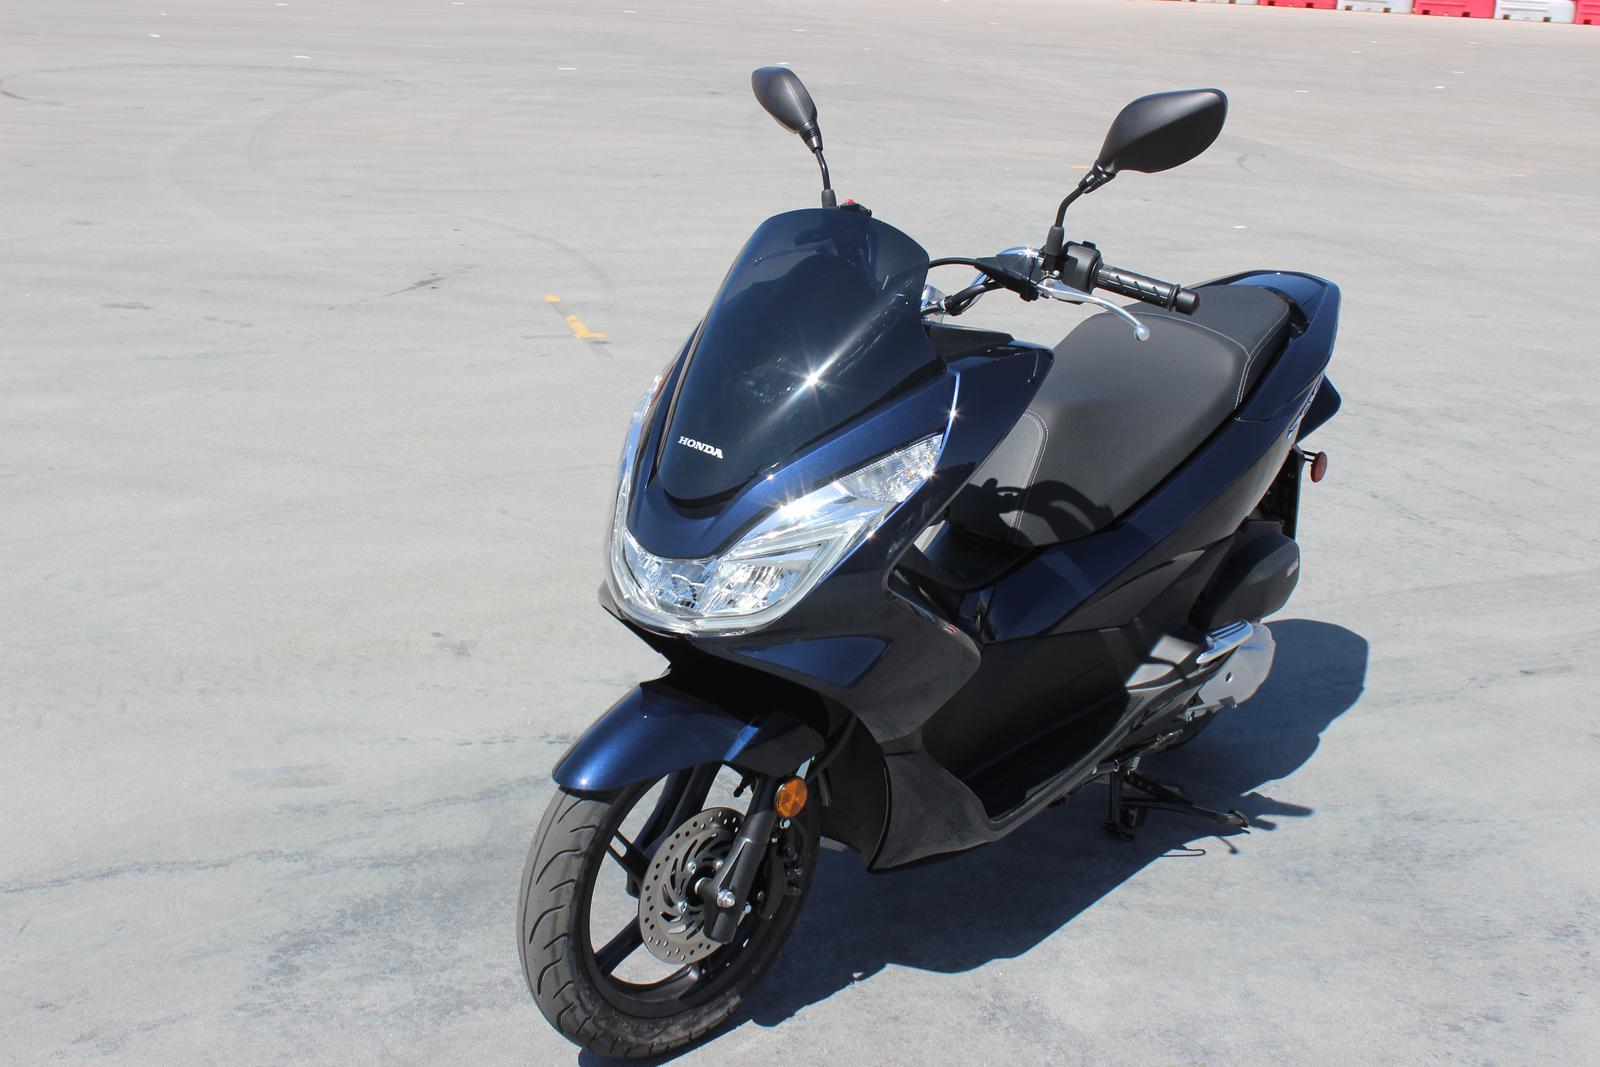 2018 Honda Pcx150 For Sale In Scottsdale Az Go Az Motorcycles In